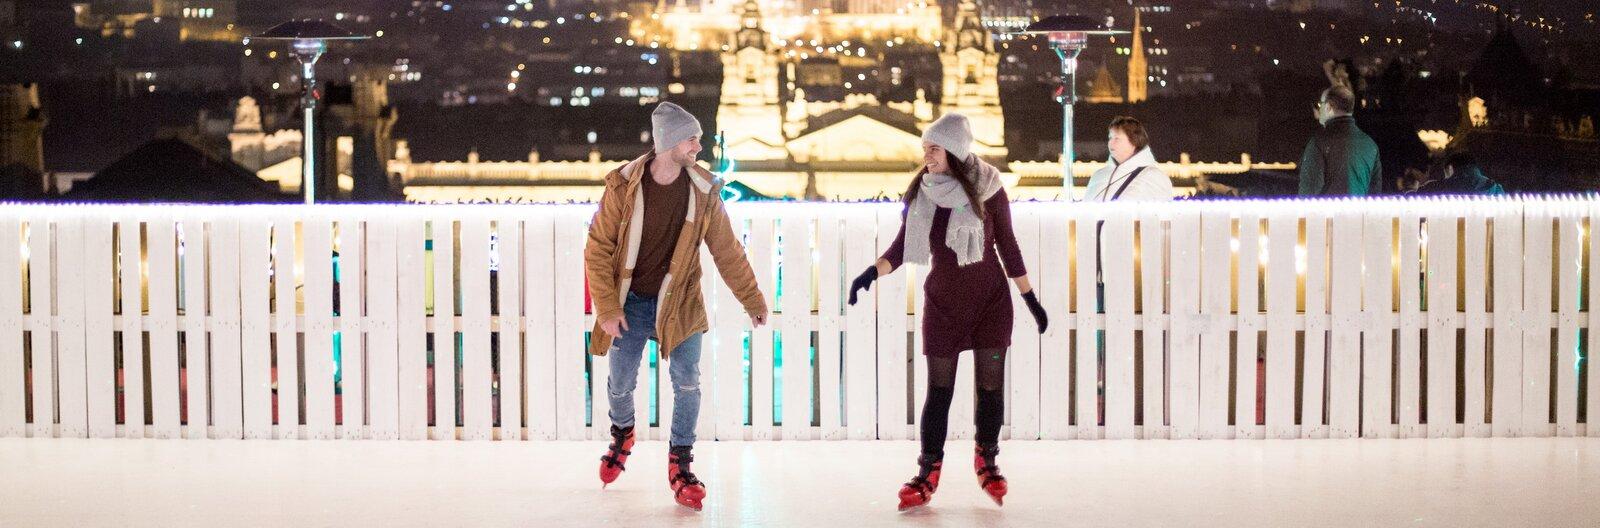 Ezek Budapest legjobb szabadtéri korcsolyapályái